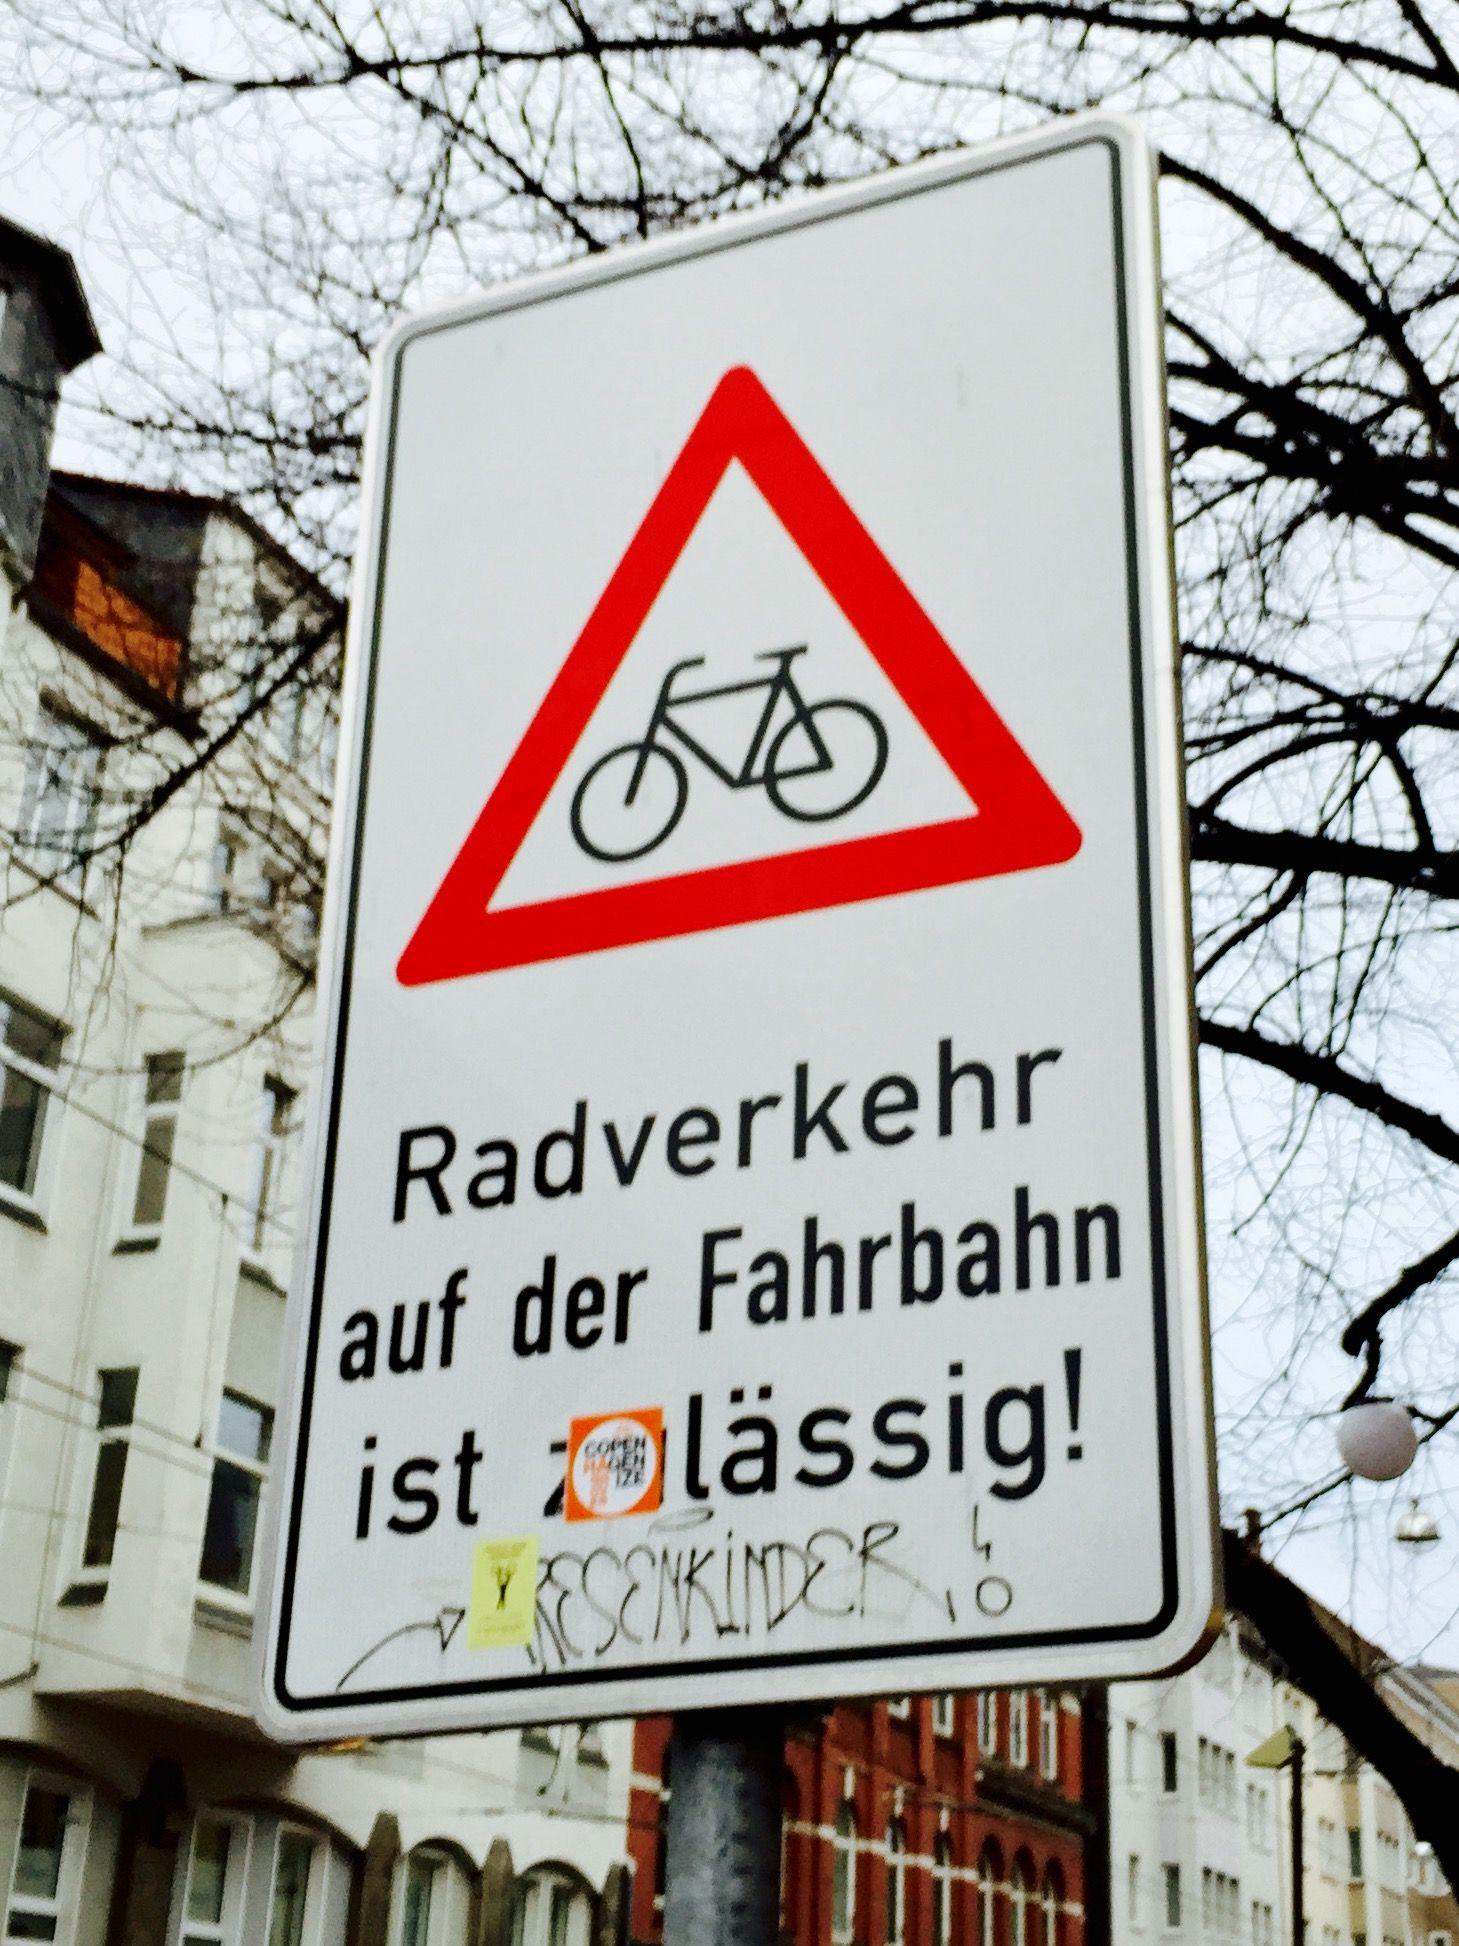 Radverkehr auf der Straße ist lässig!